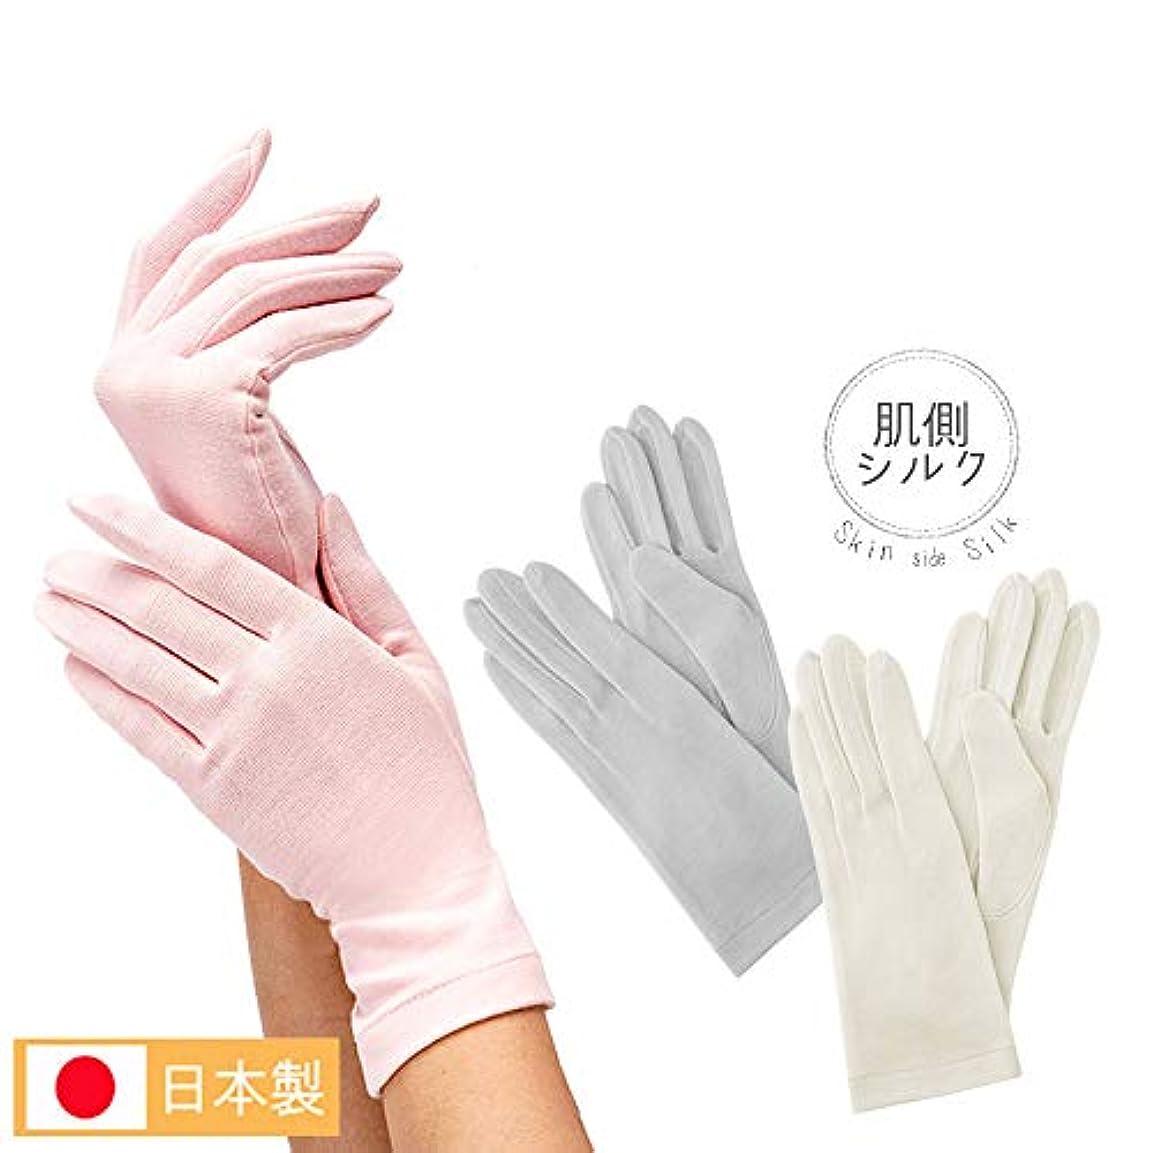 消毒するはげアーティファクトG12-0071_PK 就寝用 裏シルクうるおい手袋 あったか 薄い 手荒れ ハンドケア 保湿 レディース 女性 おやすみ 寝るとき 日本製 ピンク